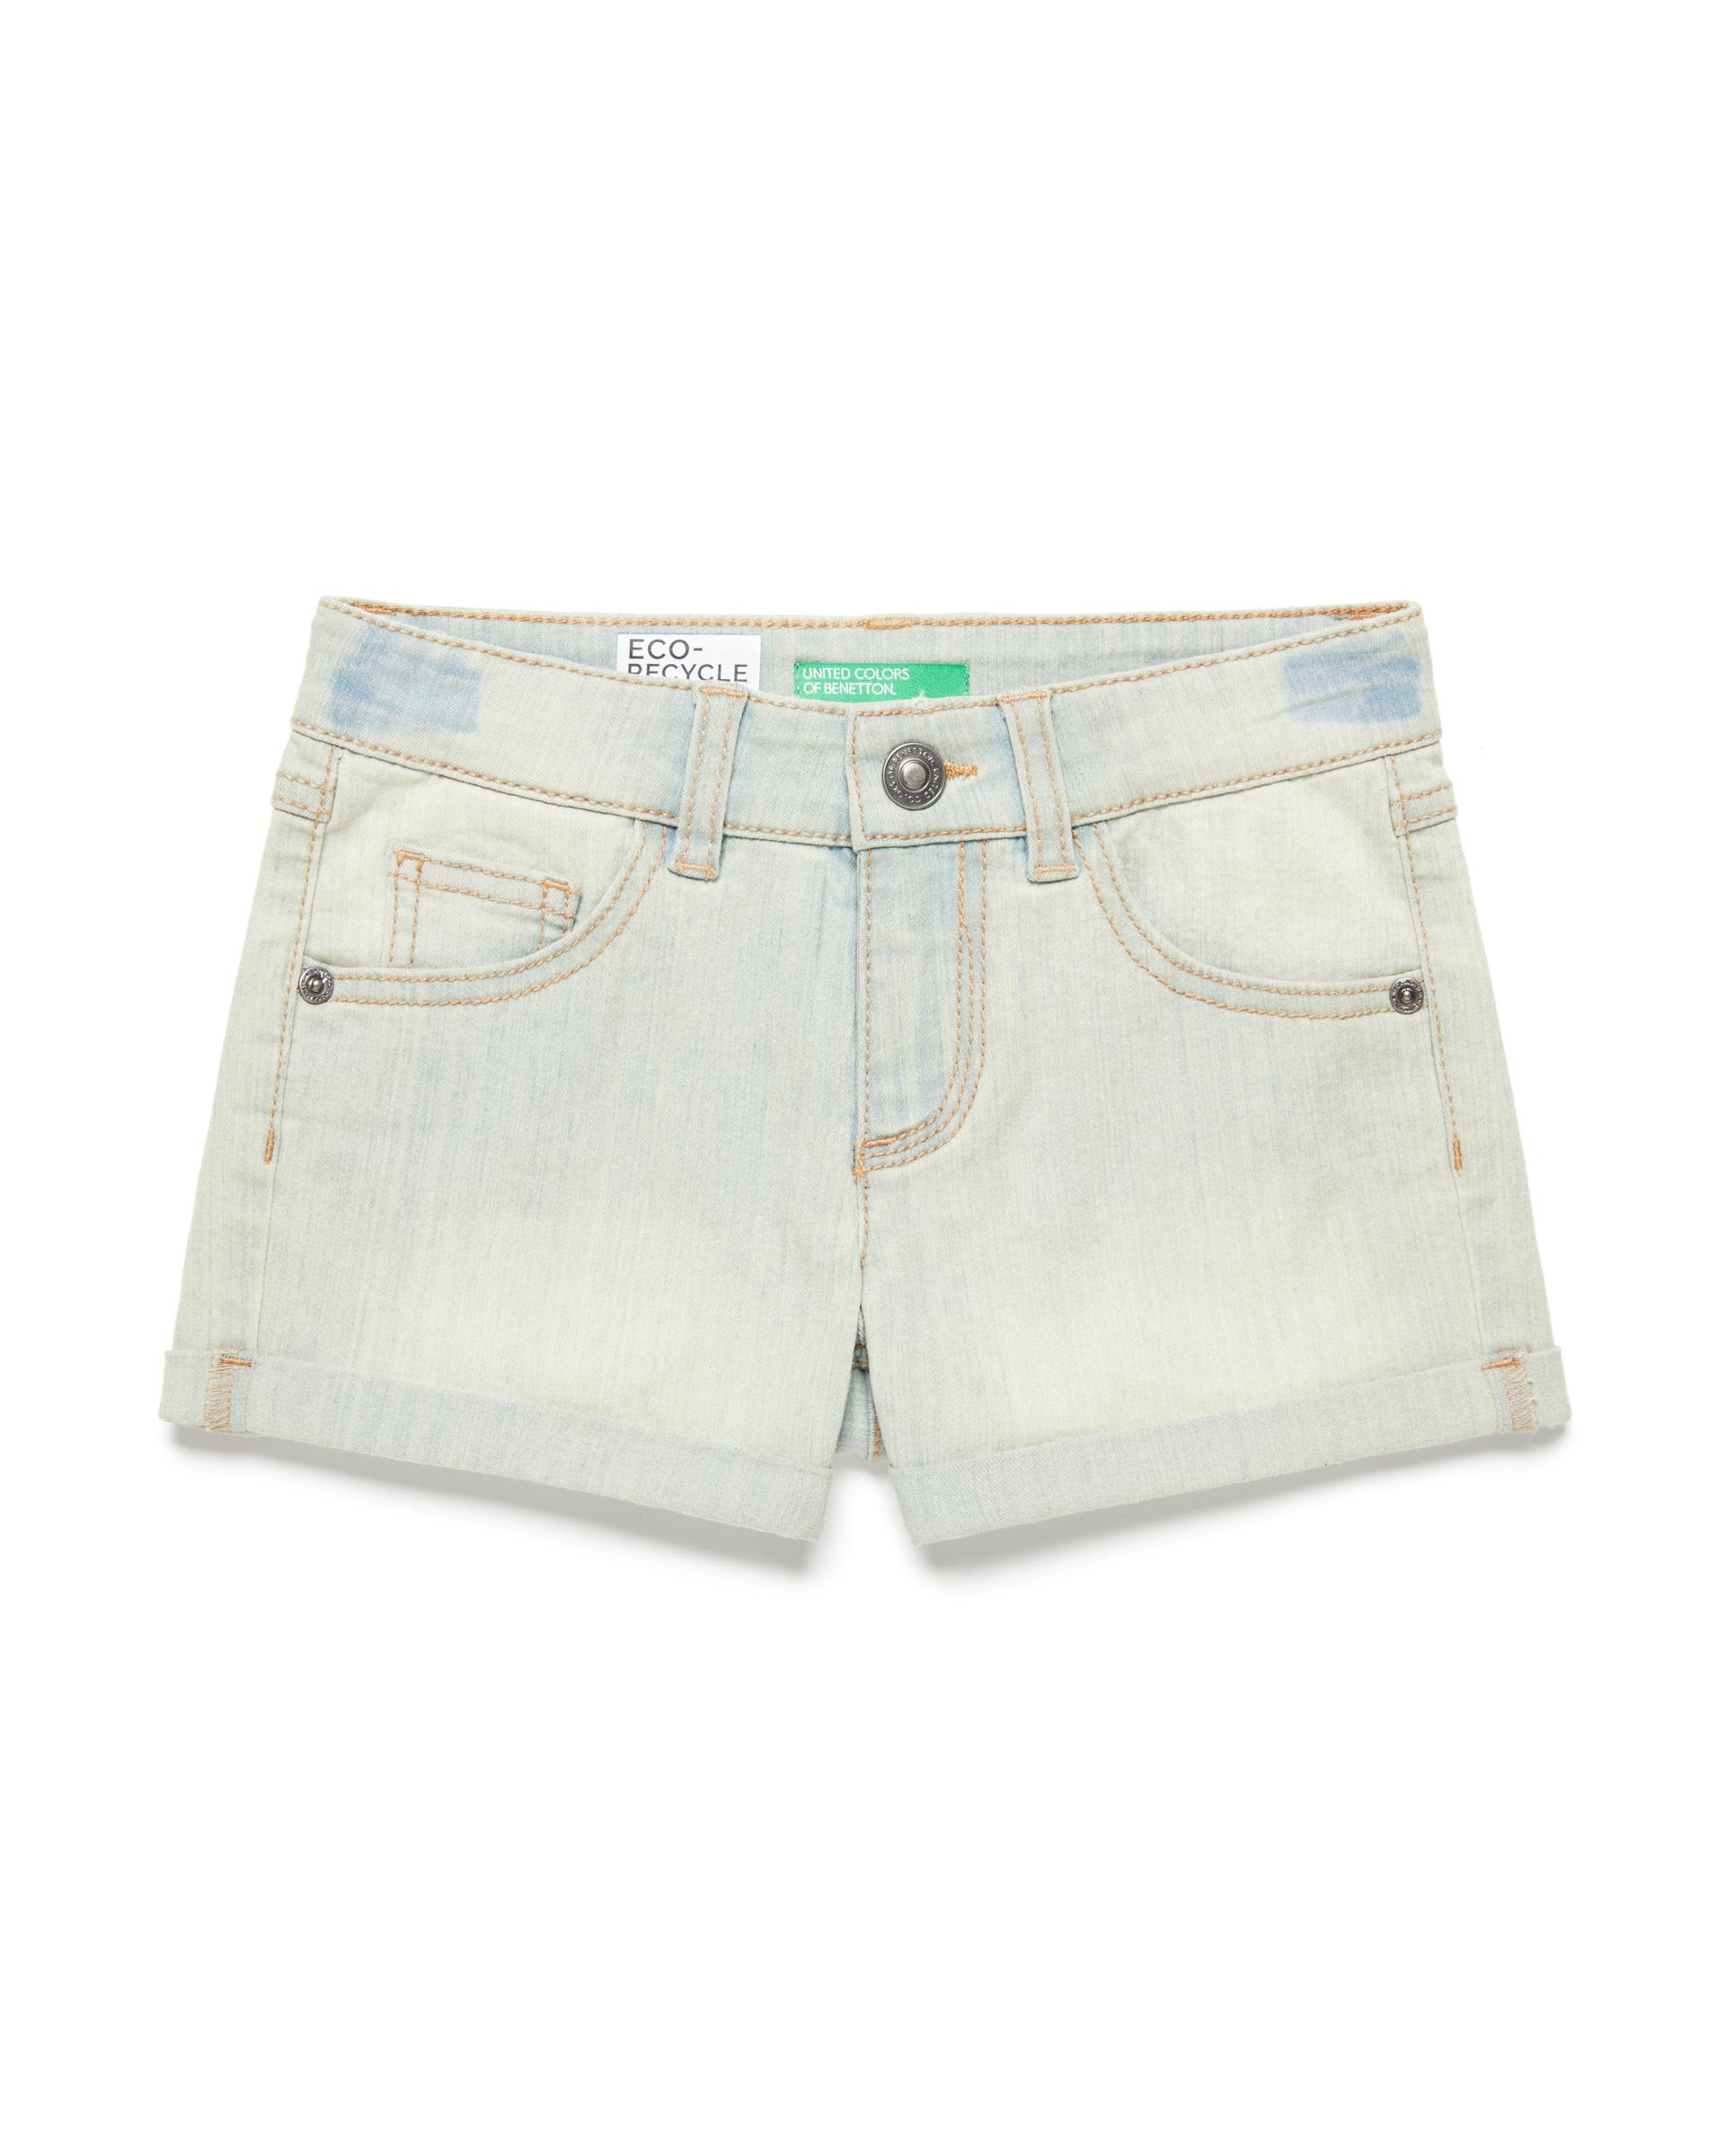 Купить 20P_4XA2597V0_902, Джинсовые шорты для девочек Benetton 4XA2597V0_902 р-р 122, United Colors of Benetton, Шорты для девочек